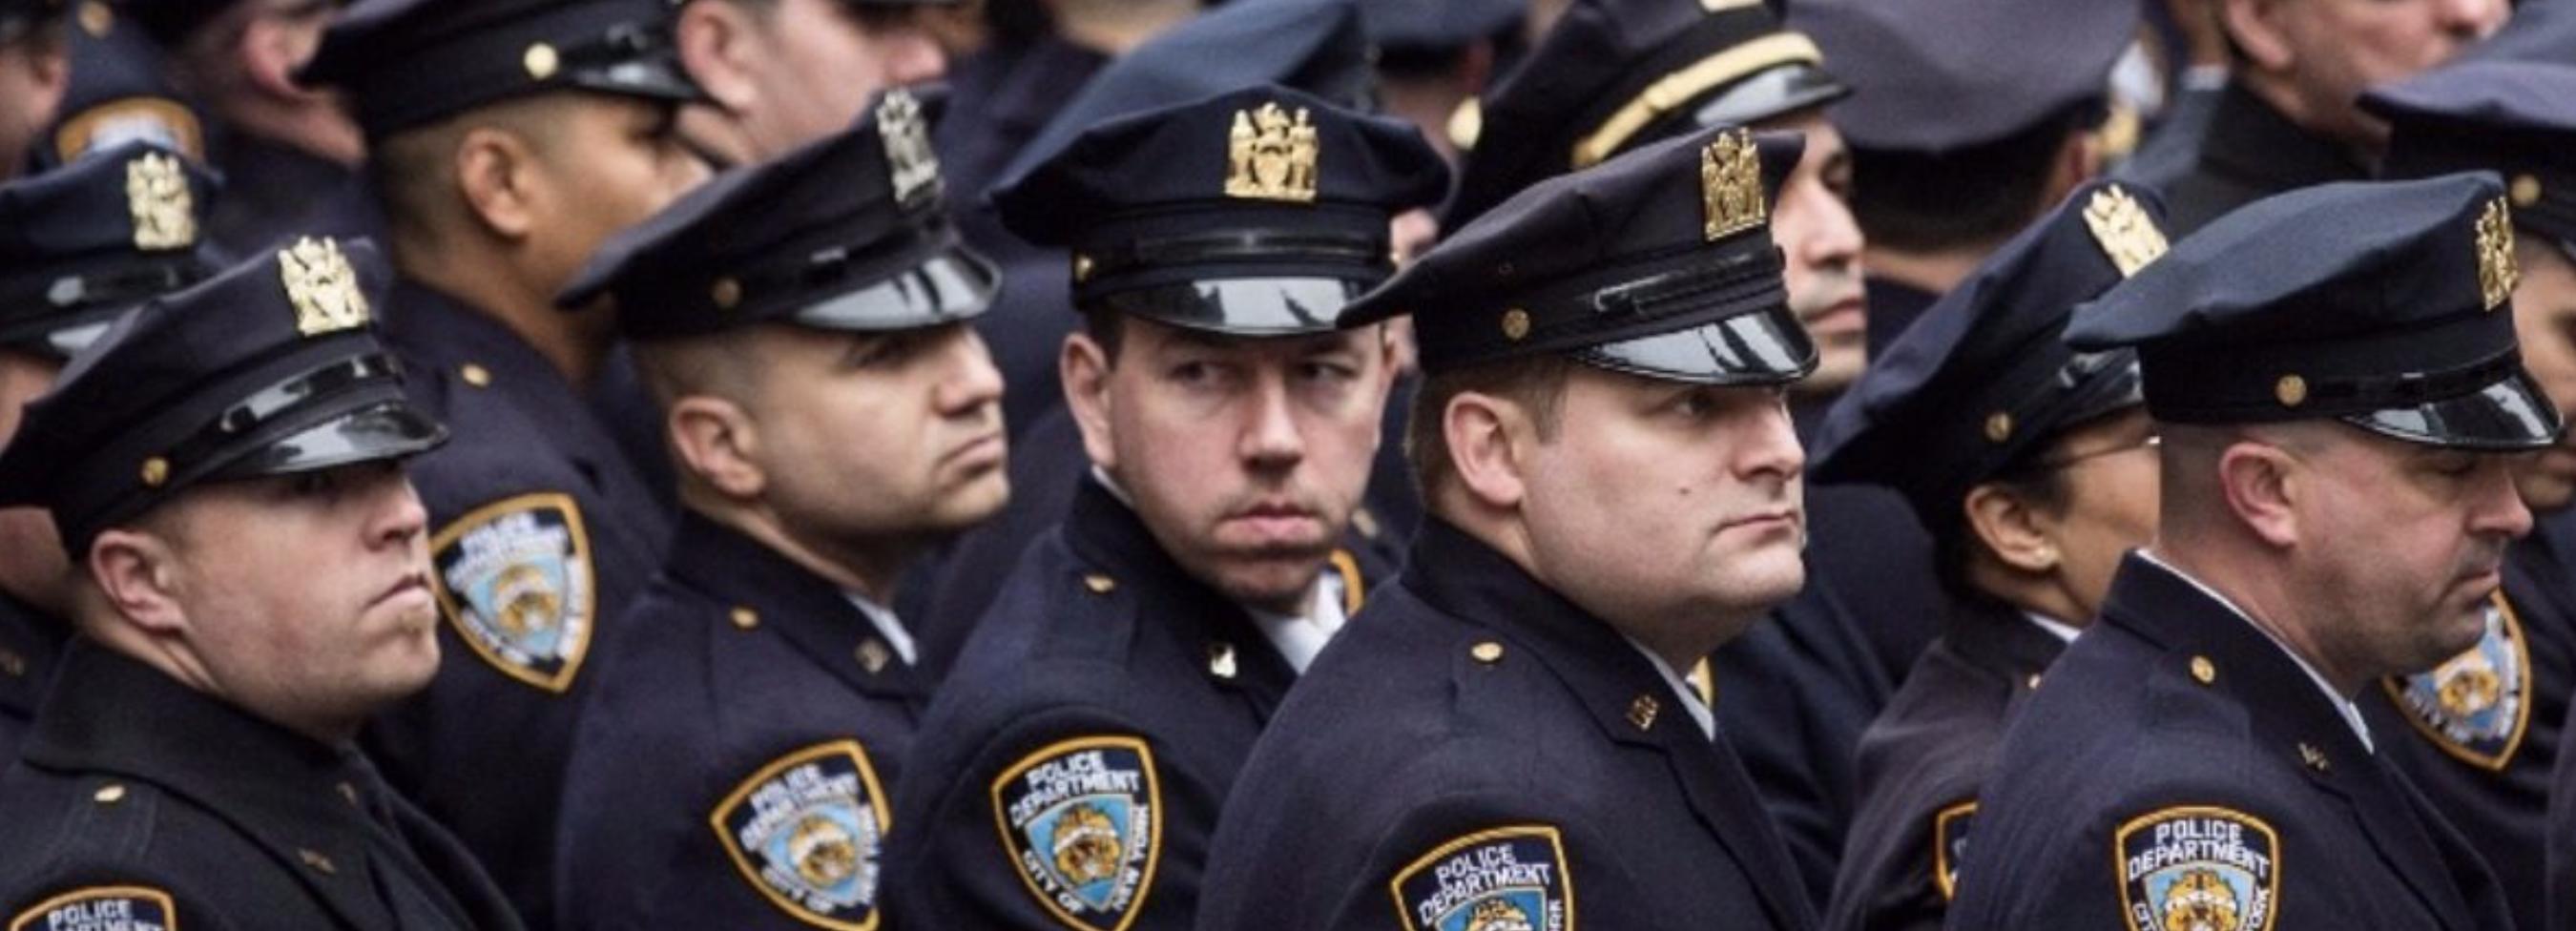 cops quitting